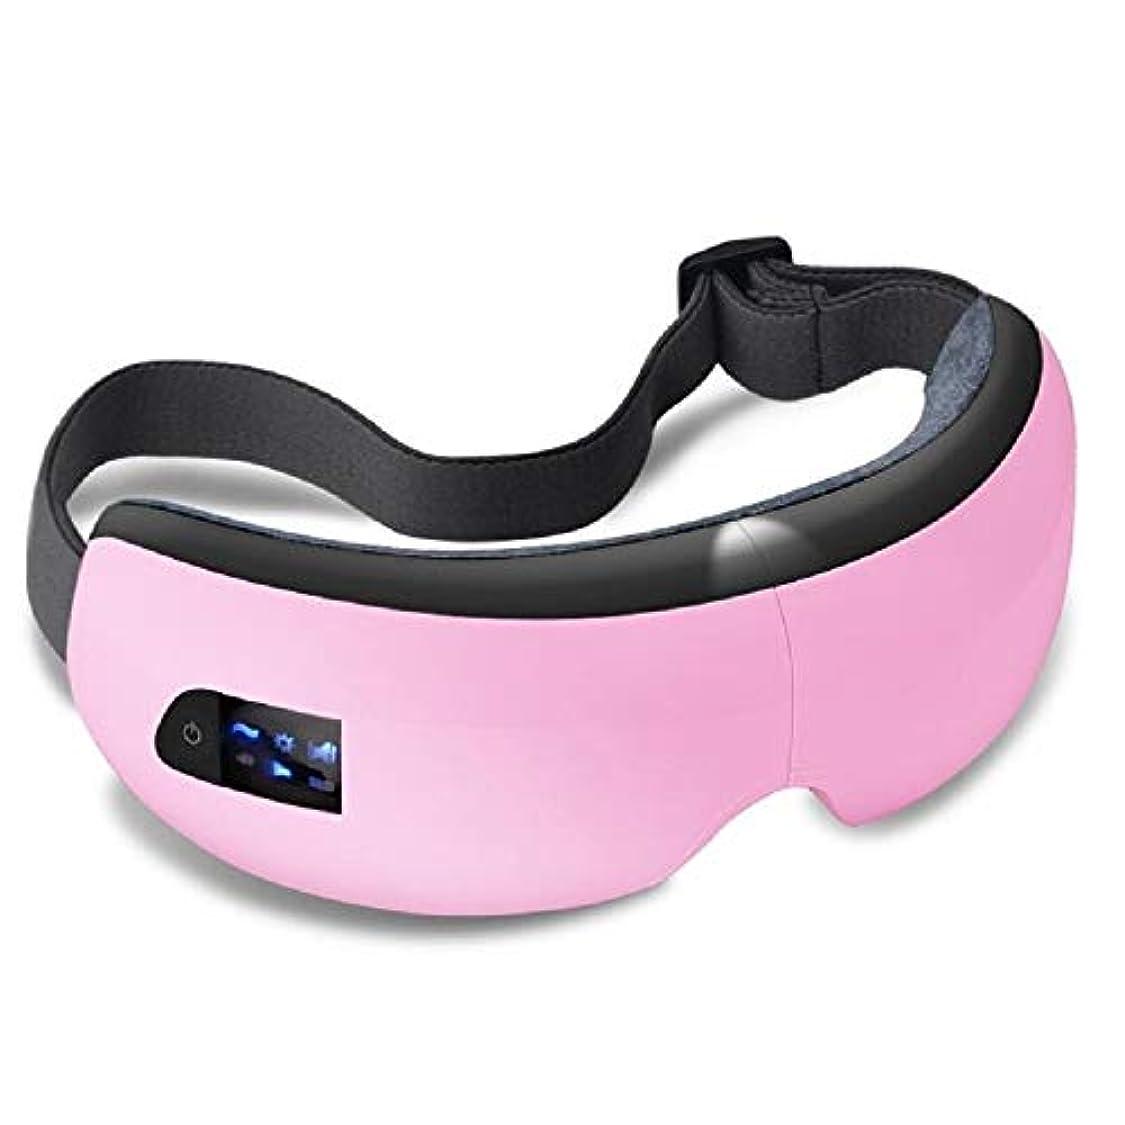 遠近法不和アラームMeet now ホットプレス充電式アイマッサージャー付きのスタイリッシュなワイヤレスインテリジェント電気アイプロテクター 品質保証 (Color : Pink)